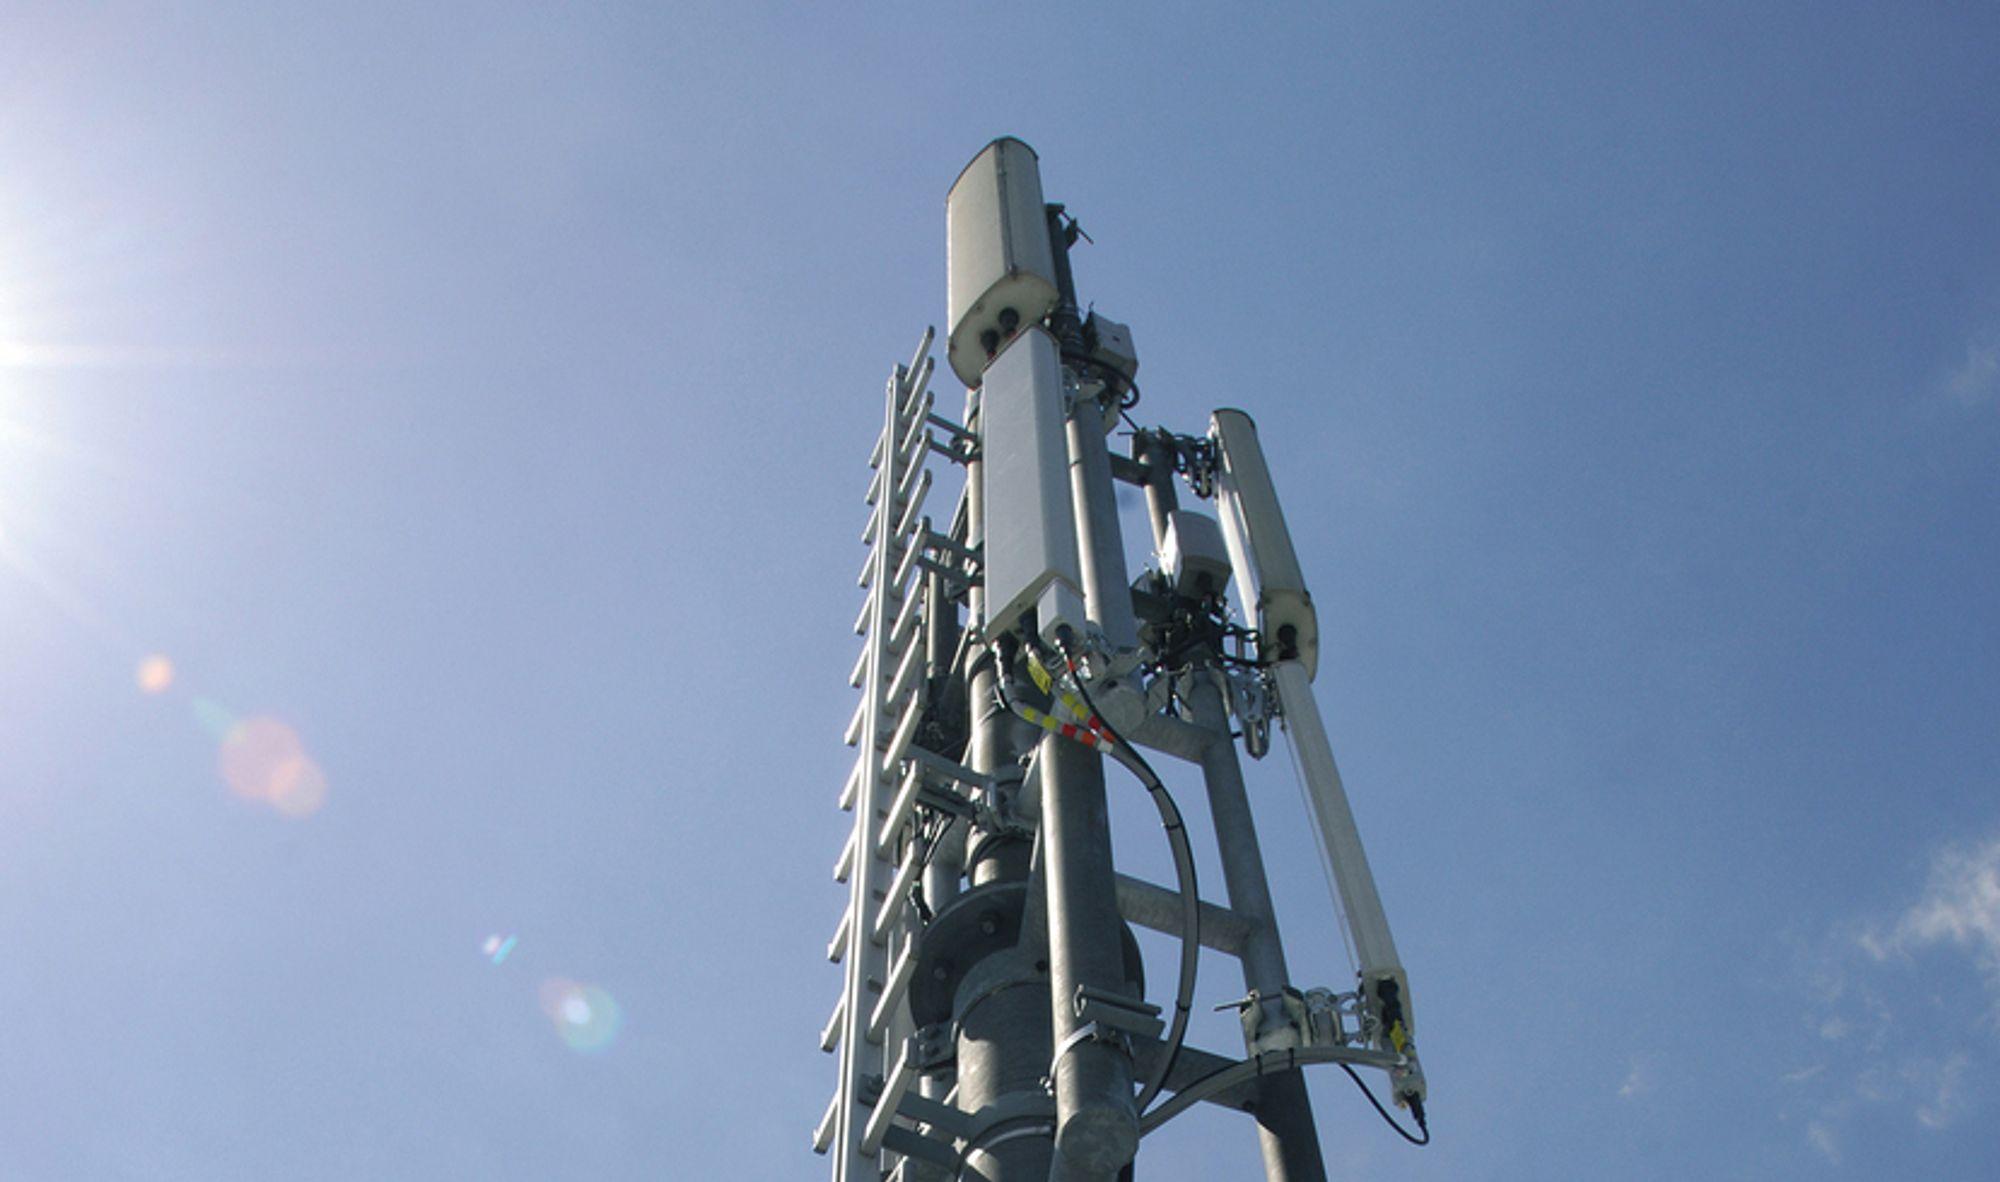 USIKKERT: Myndighetene ønsker et tredje landsdekkende nett av moderne mobilsendere. Nå står satsingen i fare.